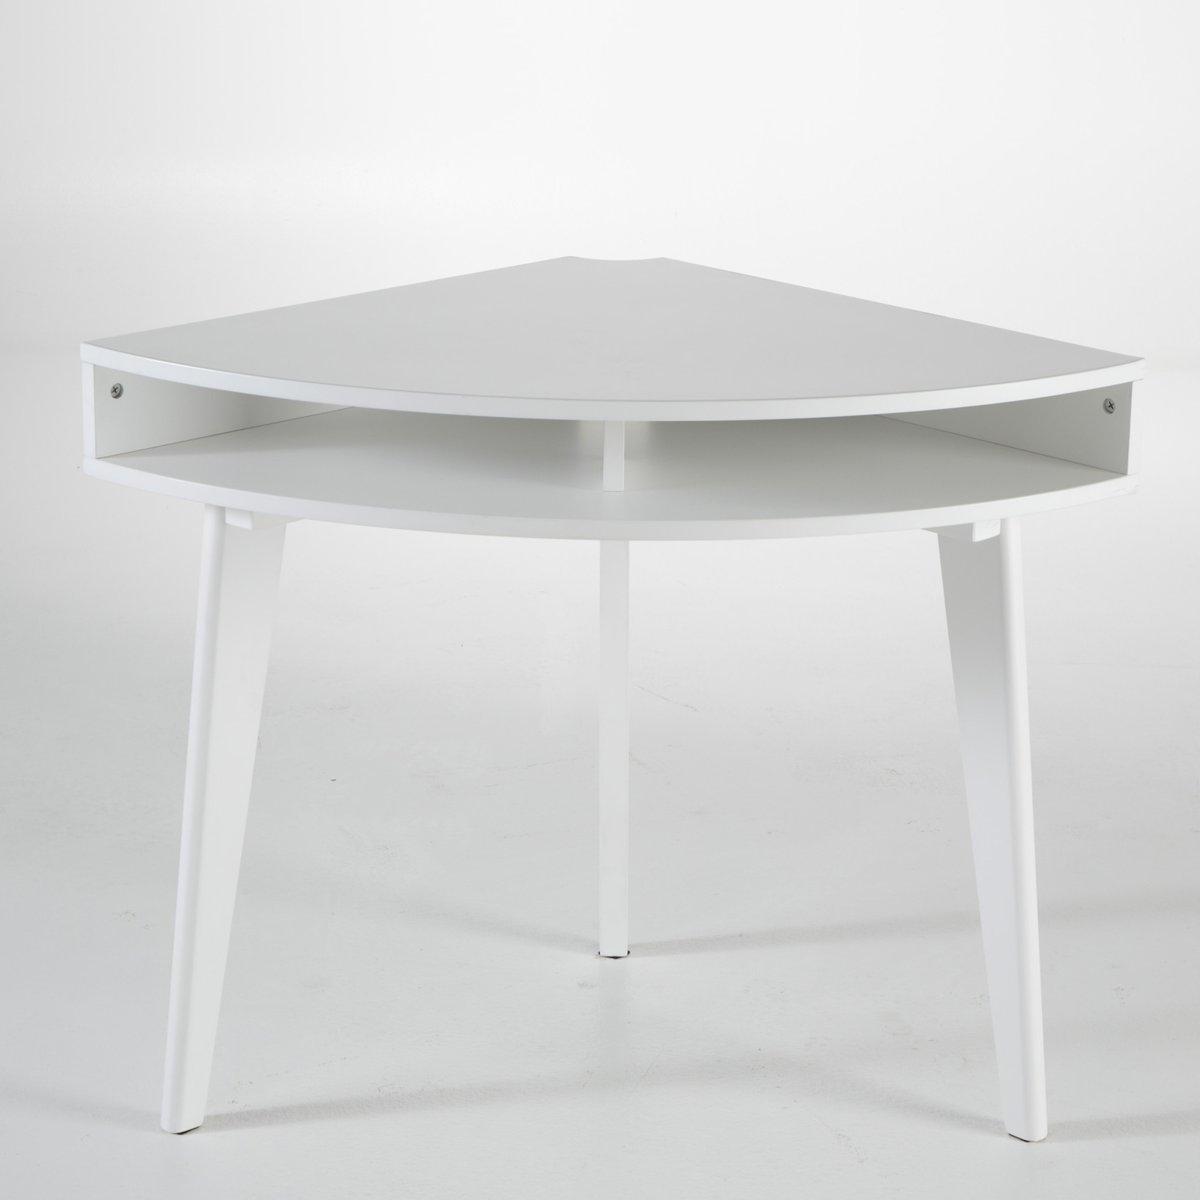 Стол письменный угловой, GrimsbyОписание углового стола Grimsby :Отделение для хранения вещей под столешницей .Угловой письменный стол Grimsby продается в разобранном виде.Характеристики углового стола Grimsby : МДФ, покрытый НЦ-лаком .Другие столы и всю коллекцию Grimsby Вы найдете на нашем сайте .Размеры углового стола Grimsby : Общие размеры :Высота : 76 см Глубина : 70 см<br><br>Цвет: светло-серый